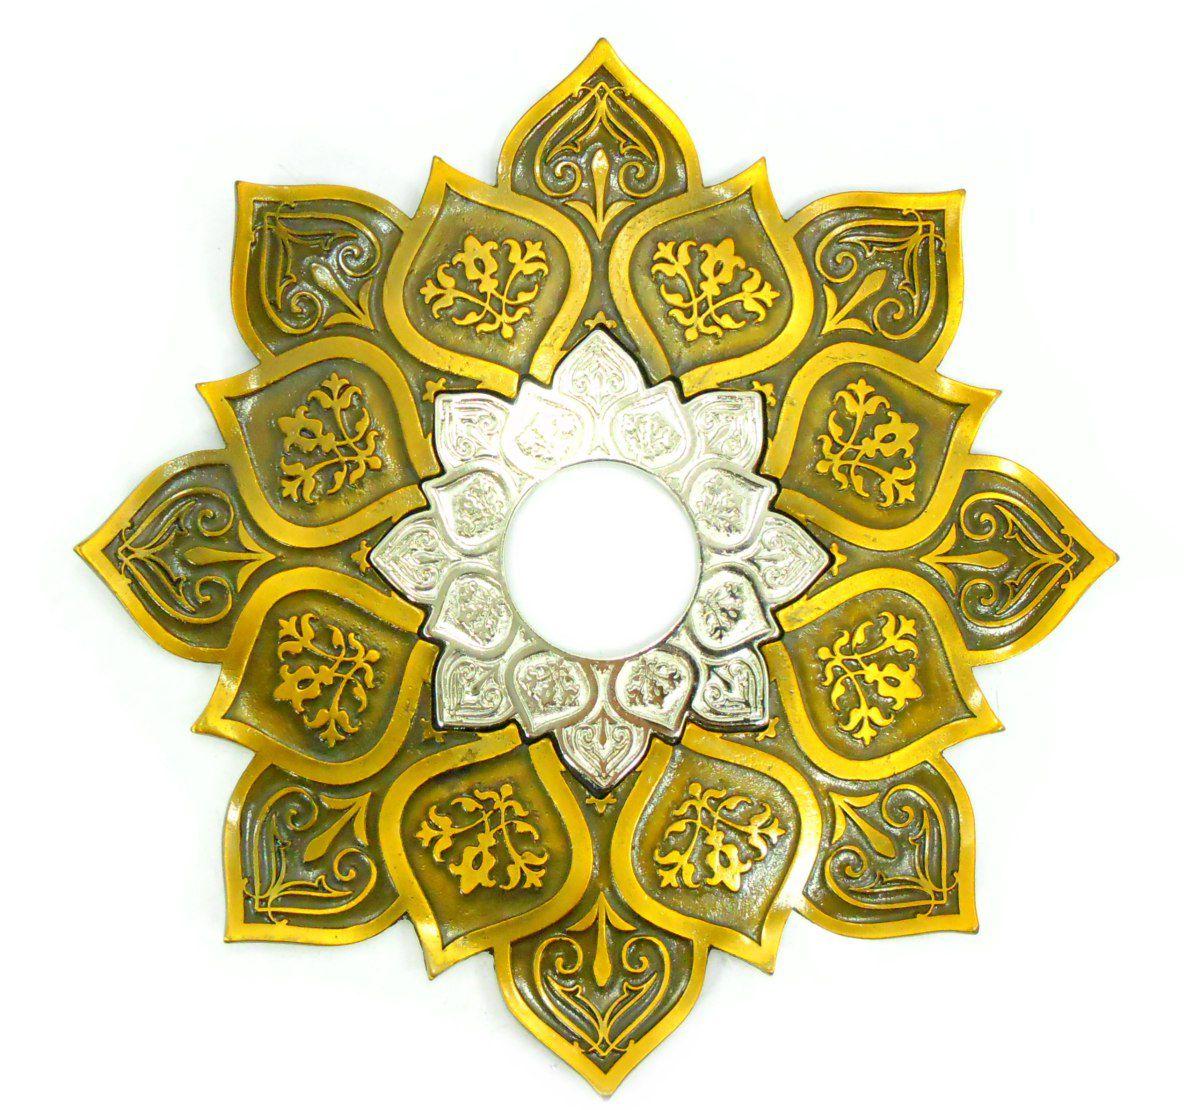 Prato para narguile mod. Athenas 23cm em liga metálica inox e decorado. Cor OURO VELHO. Centro Prata